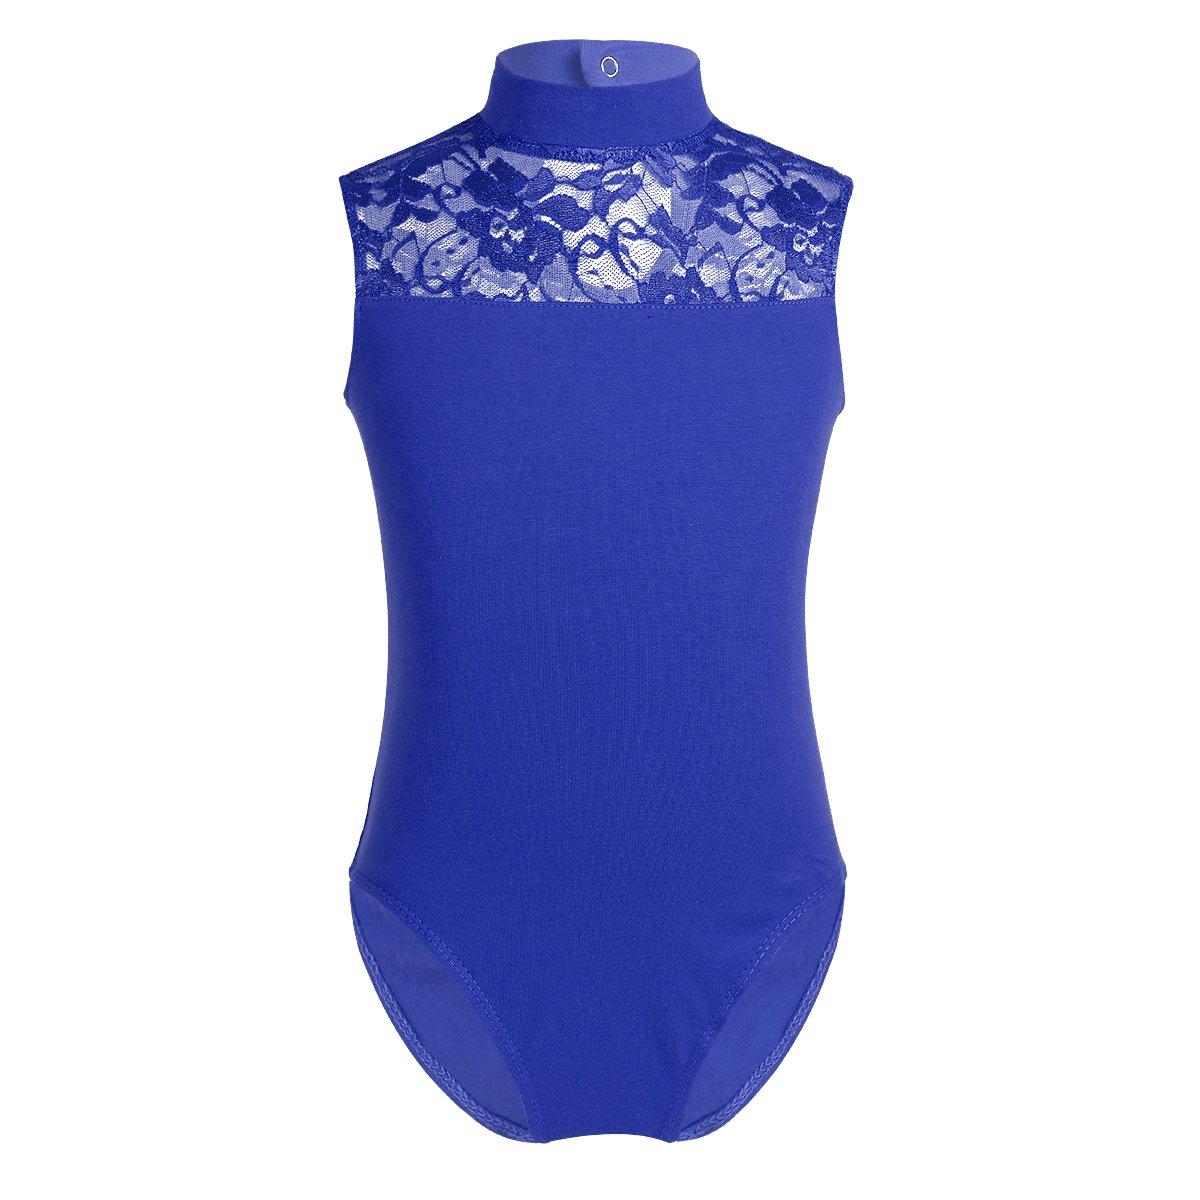 良質  iEFiEL 9-10|Blue Girls Little Ballerina Dancer Balletドレススカートレオタードジムダンス用 B07FFXW9MG 43718 9-10|Blue Neck Turtle Neck Blue Turtle Neck 43718, キリブチ製麺:d9568766 --- pardeshibandhu.com